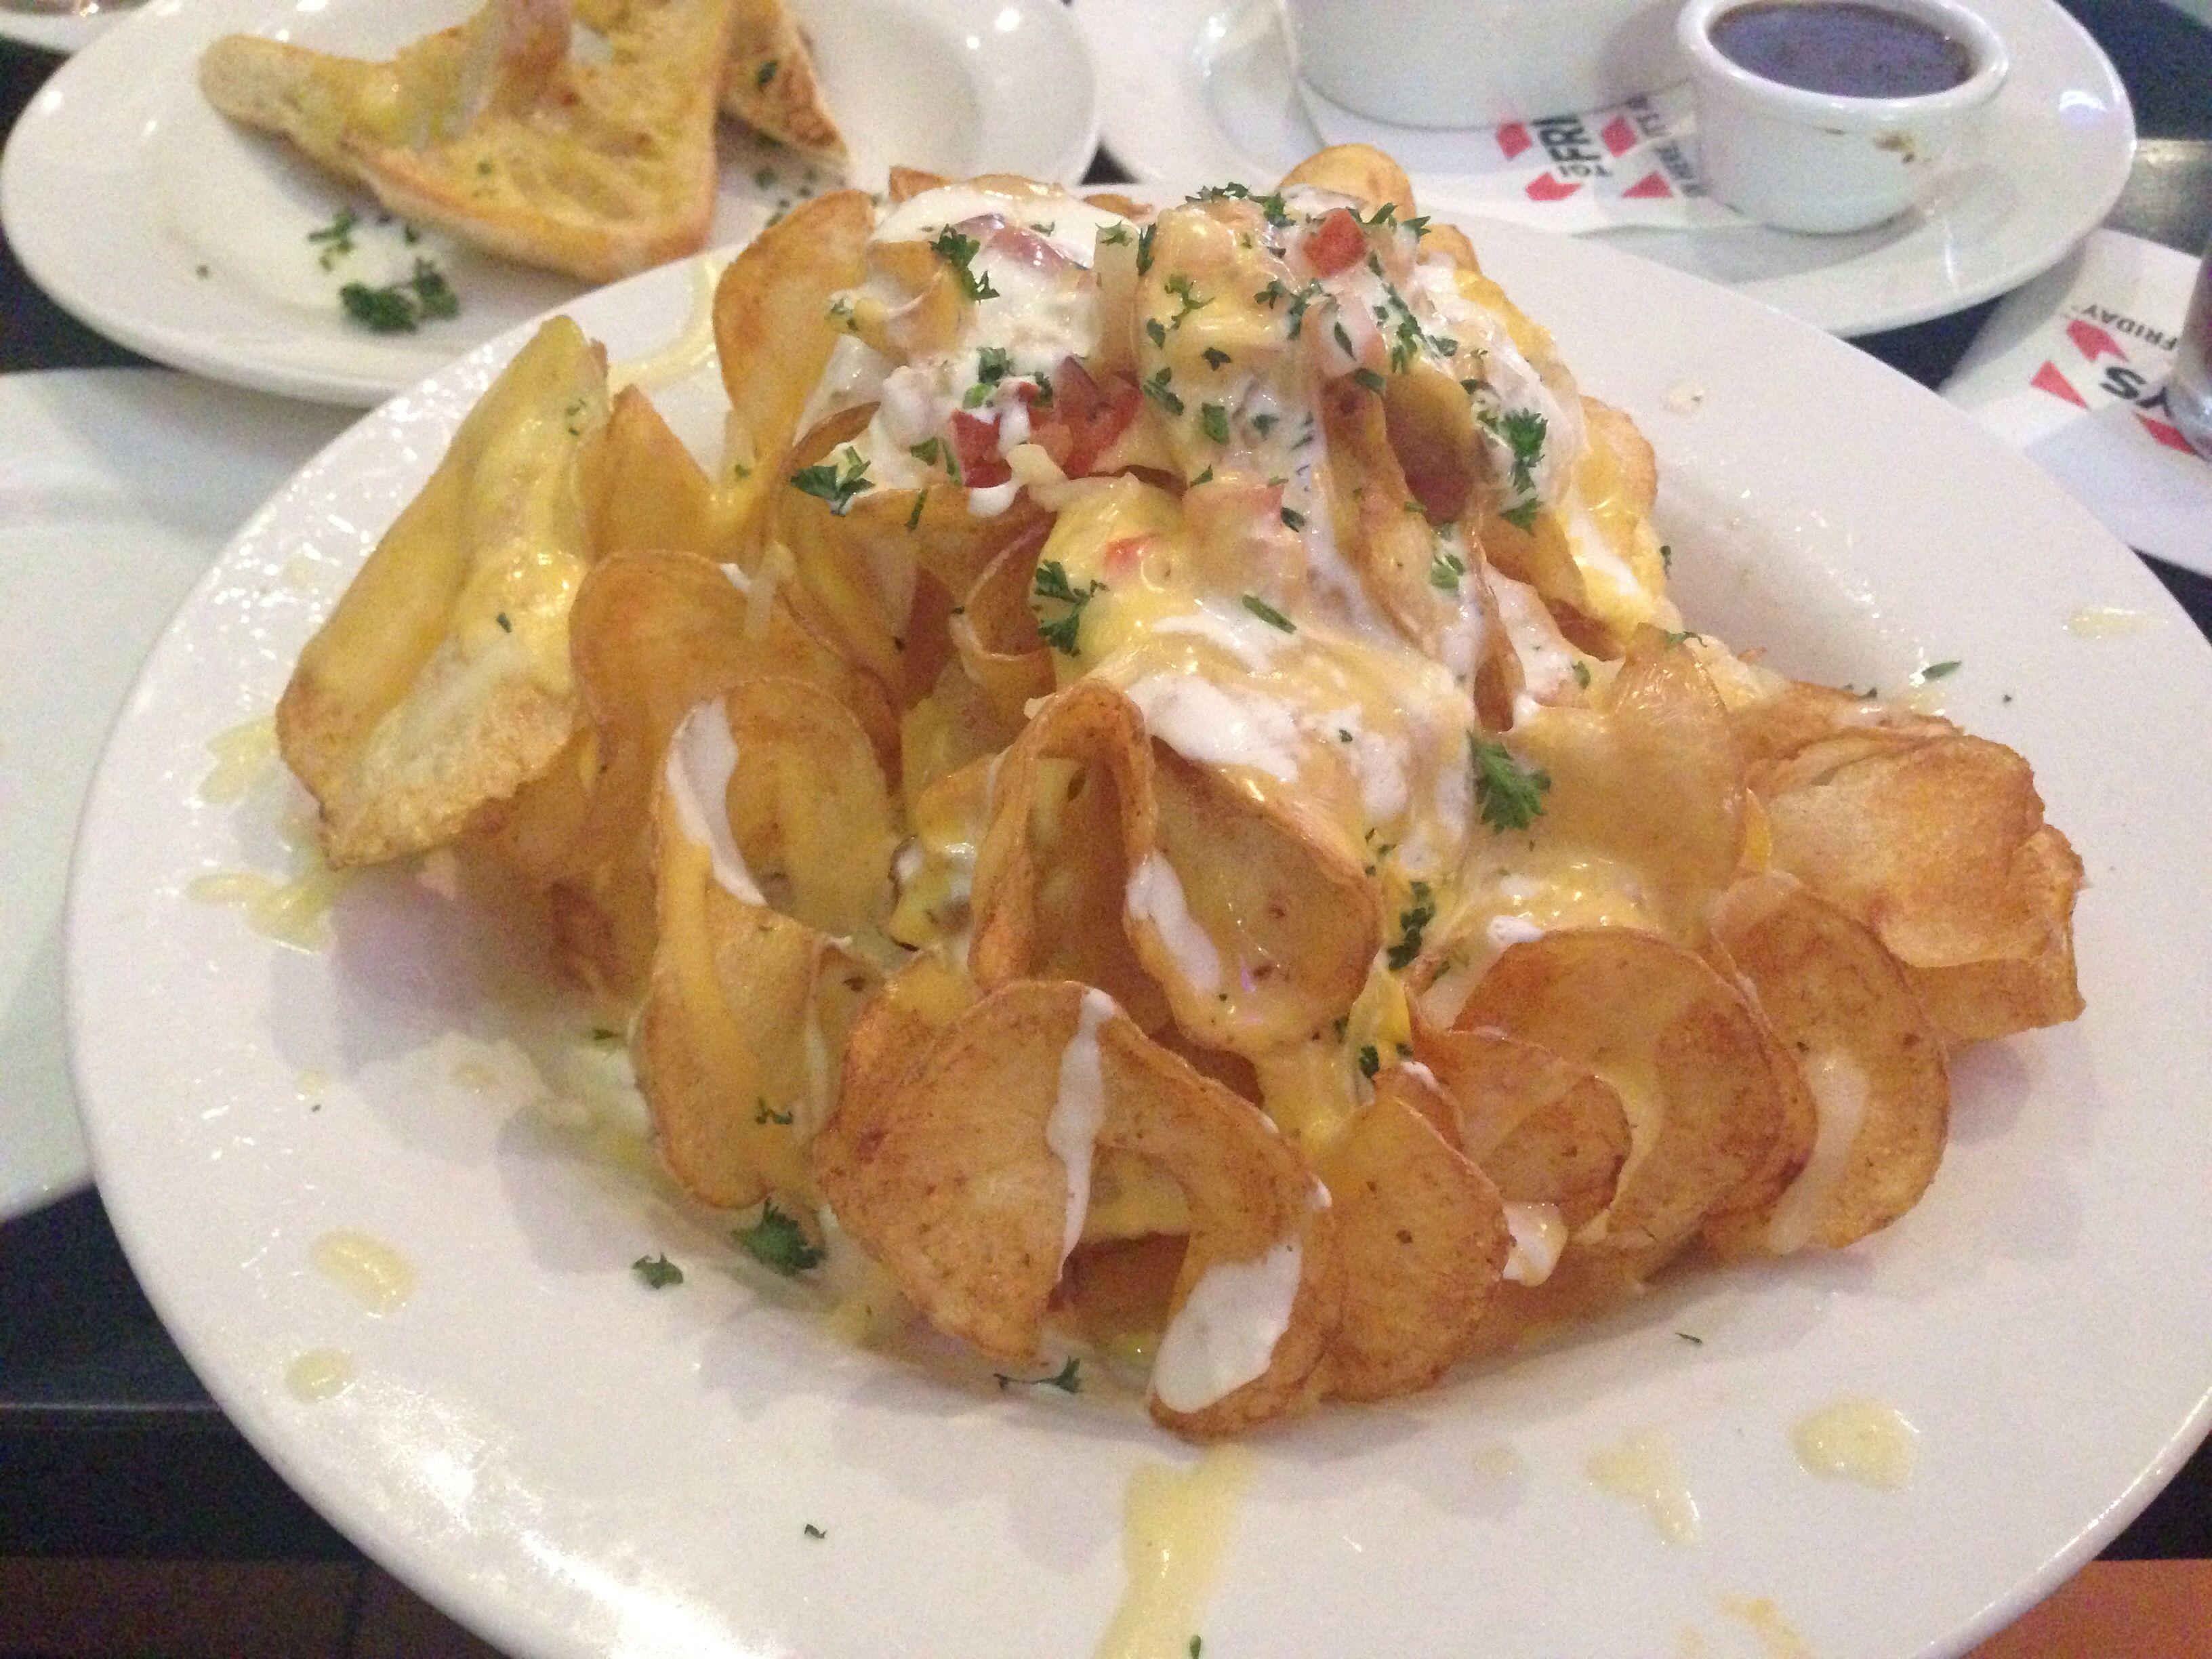 Potato Twisters At Tgi Fridays Food Food Drink Recipes